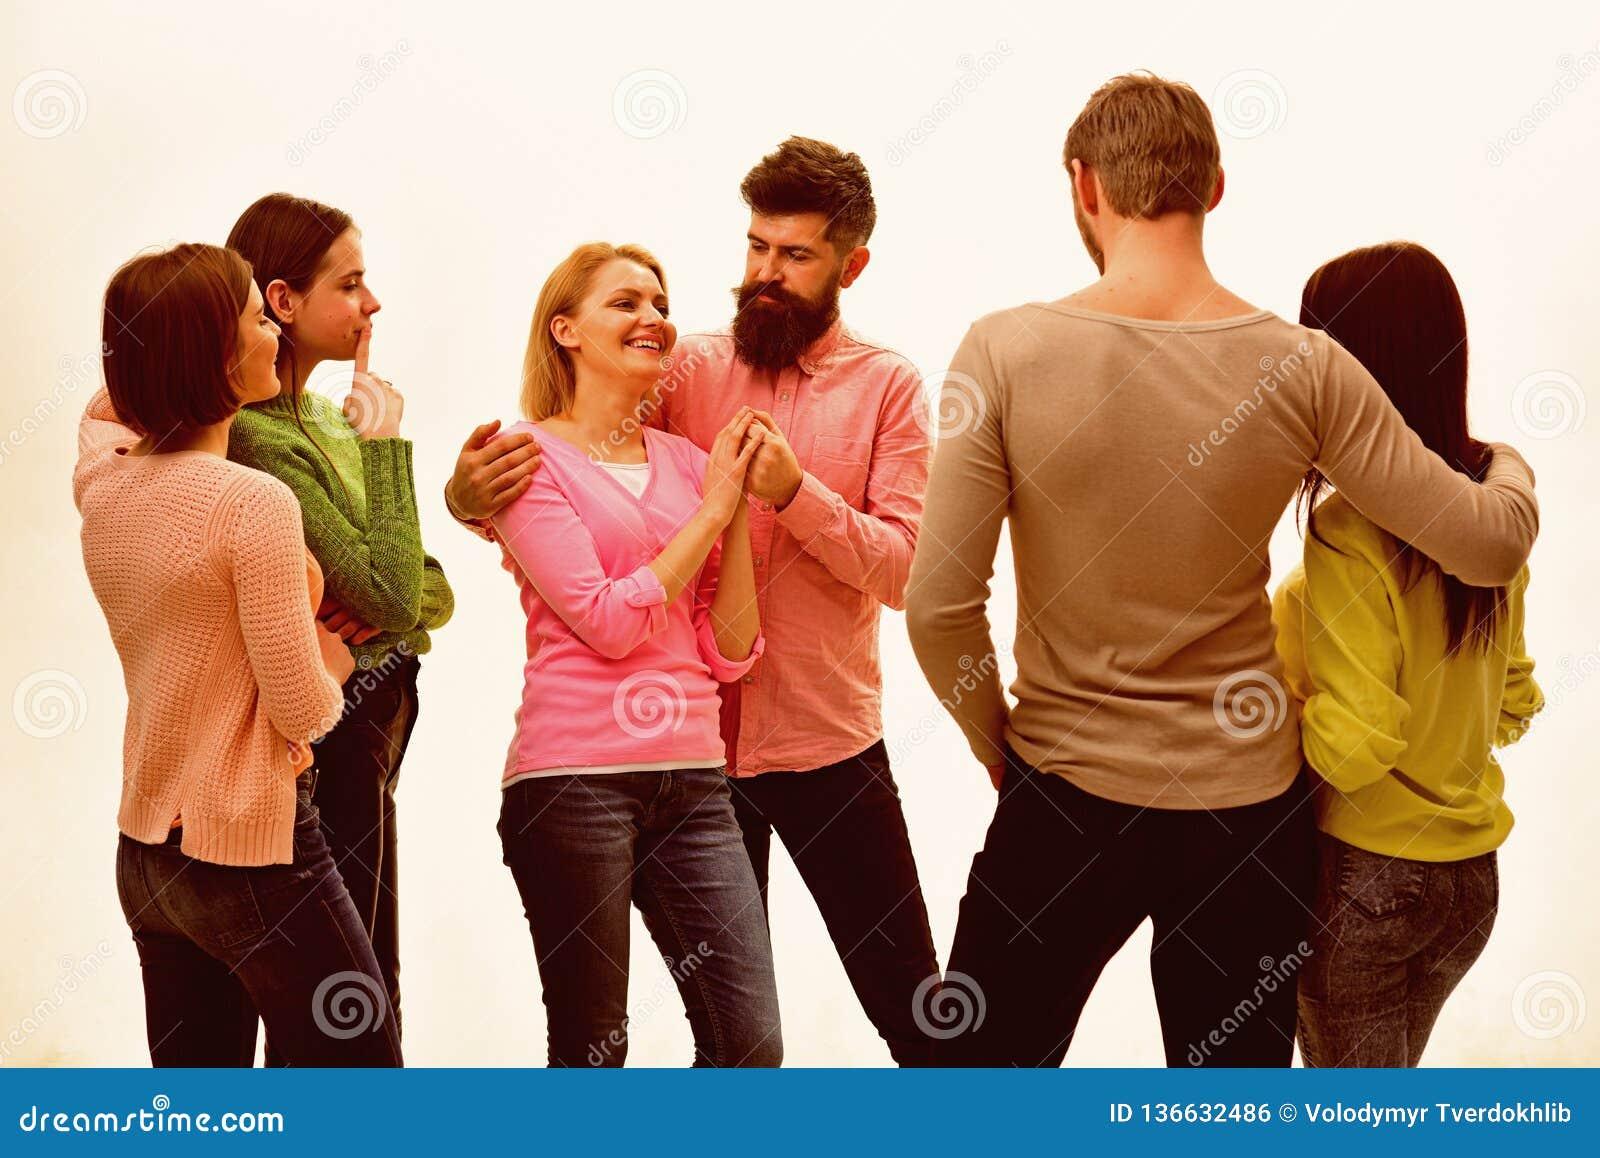 青年时期,朋友和夫妇讲话 青年人一起花费休闲,快乐的公司停留 学生,愉快